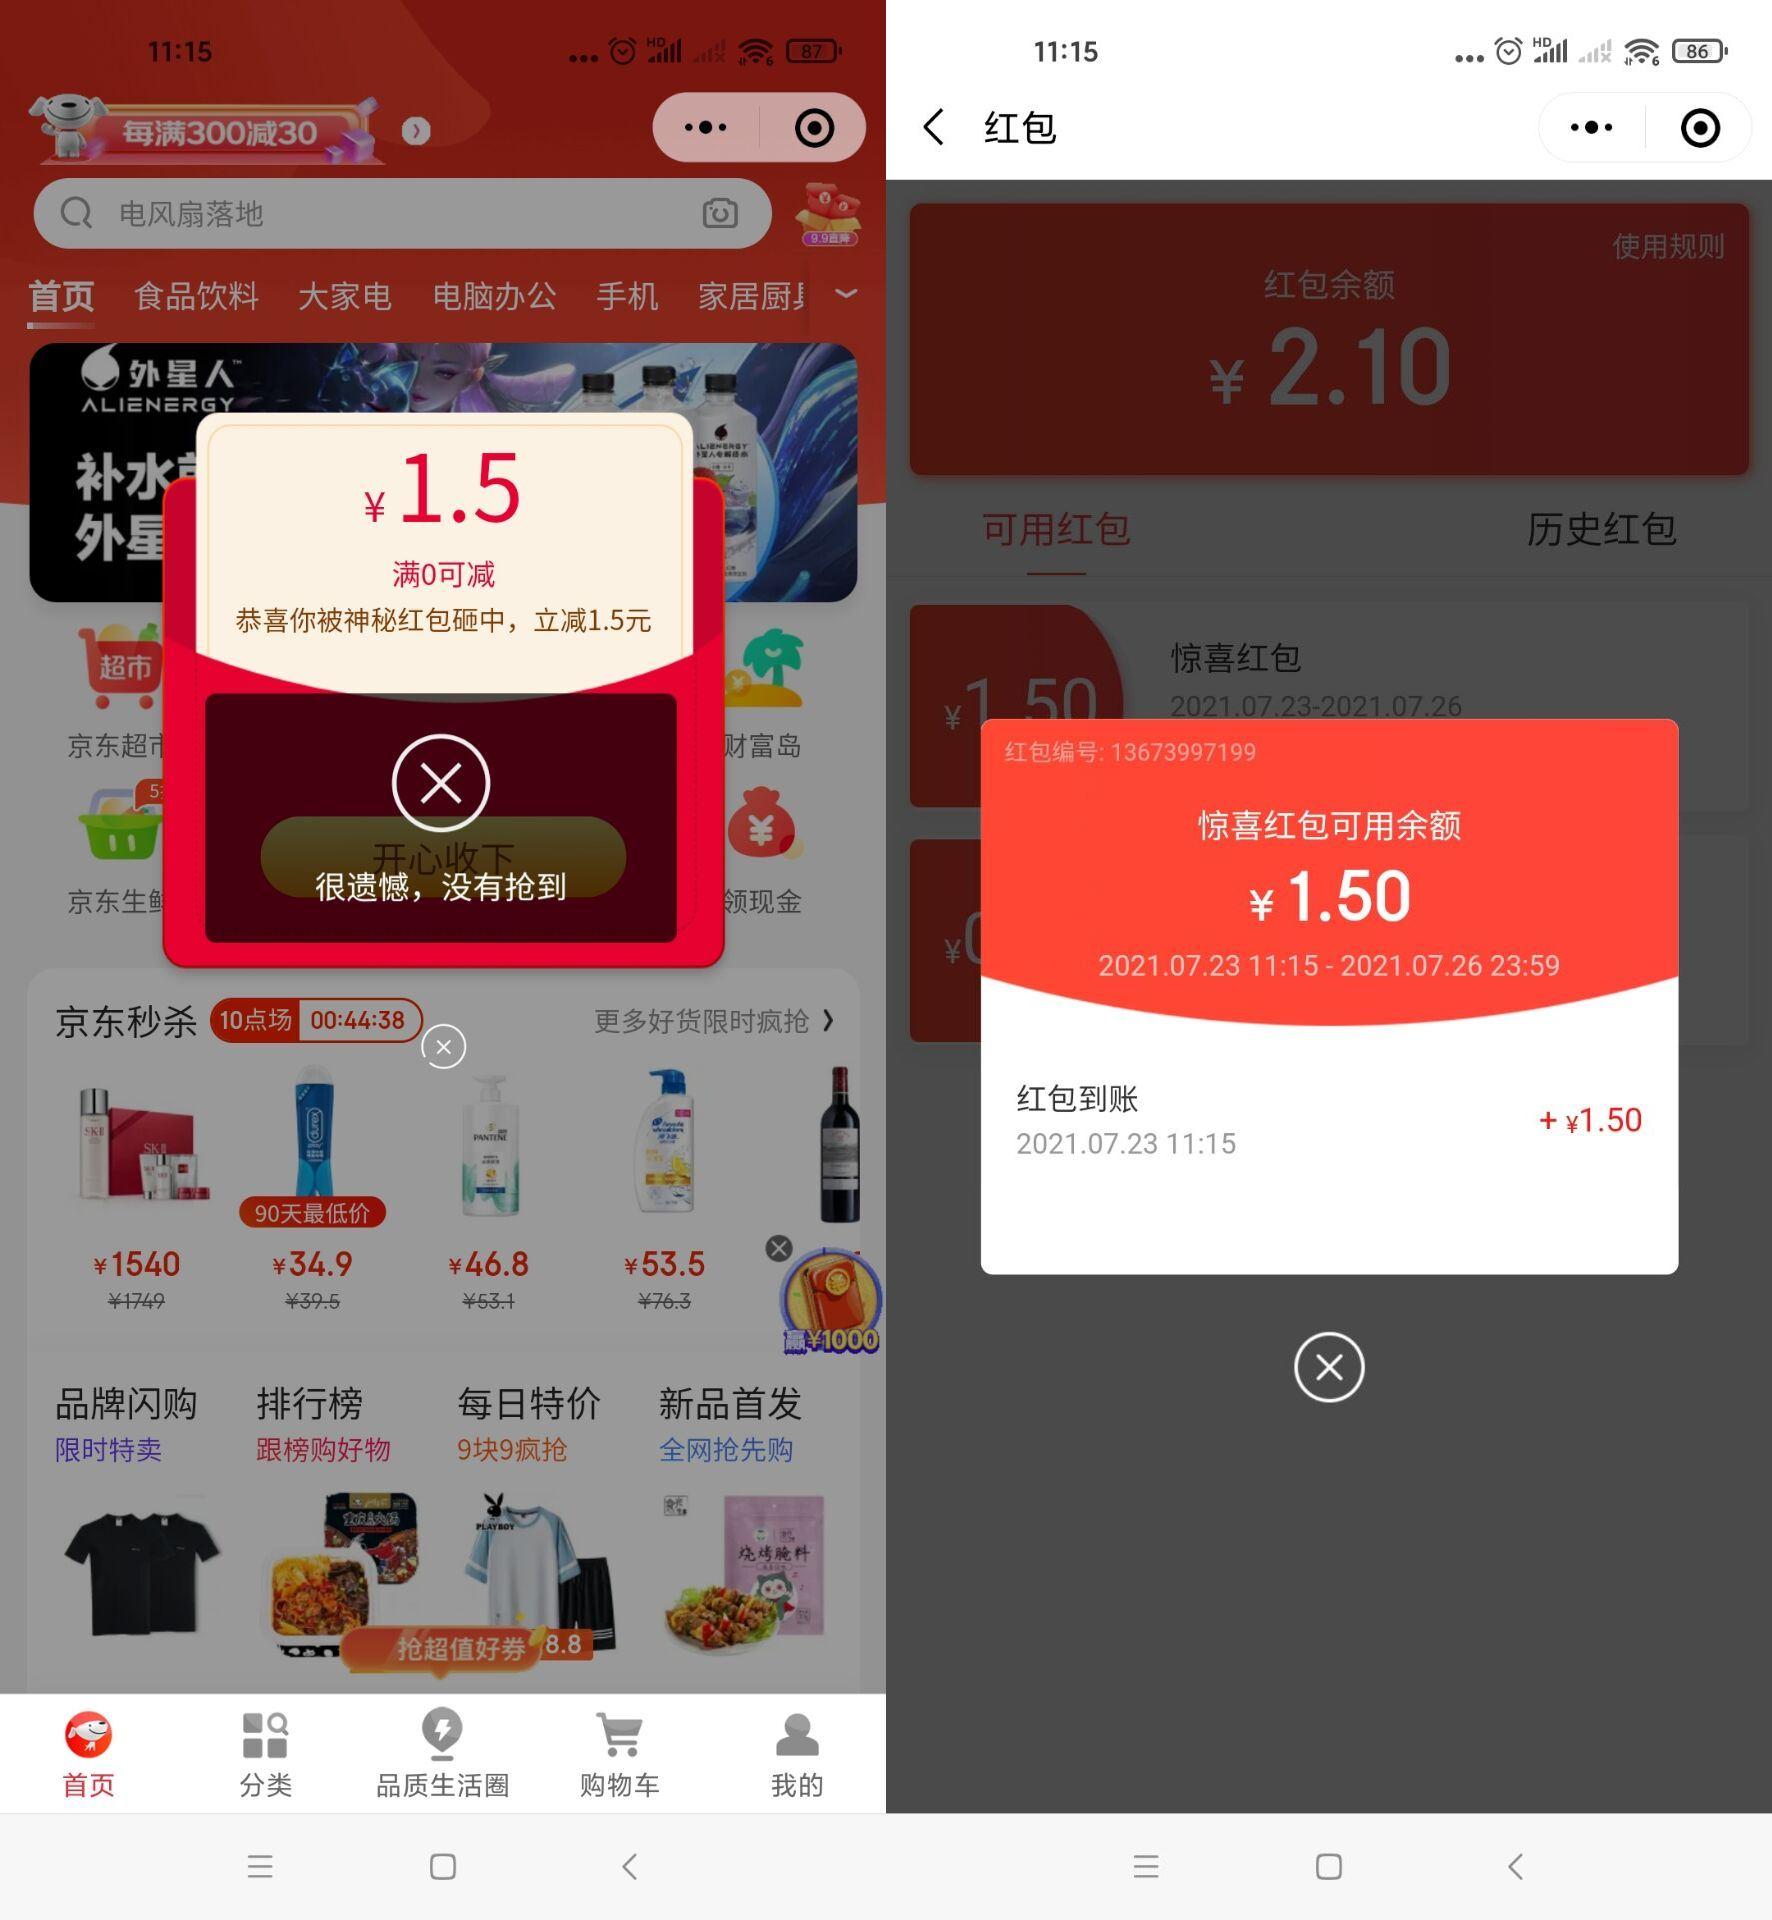 京东领1.5元无门槛购物红包